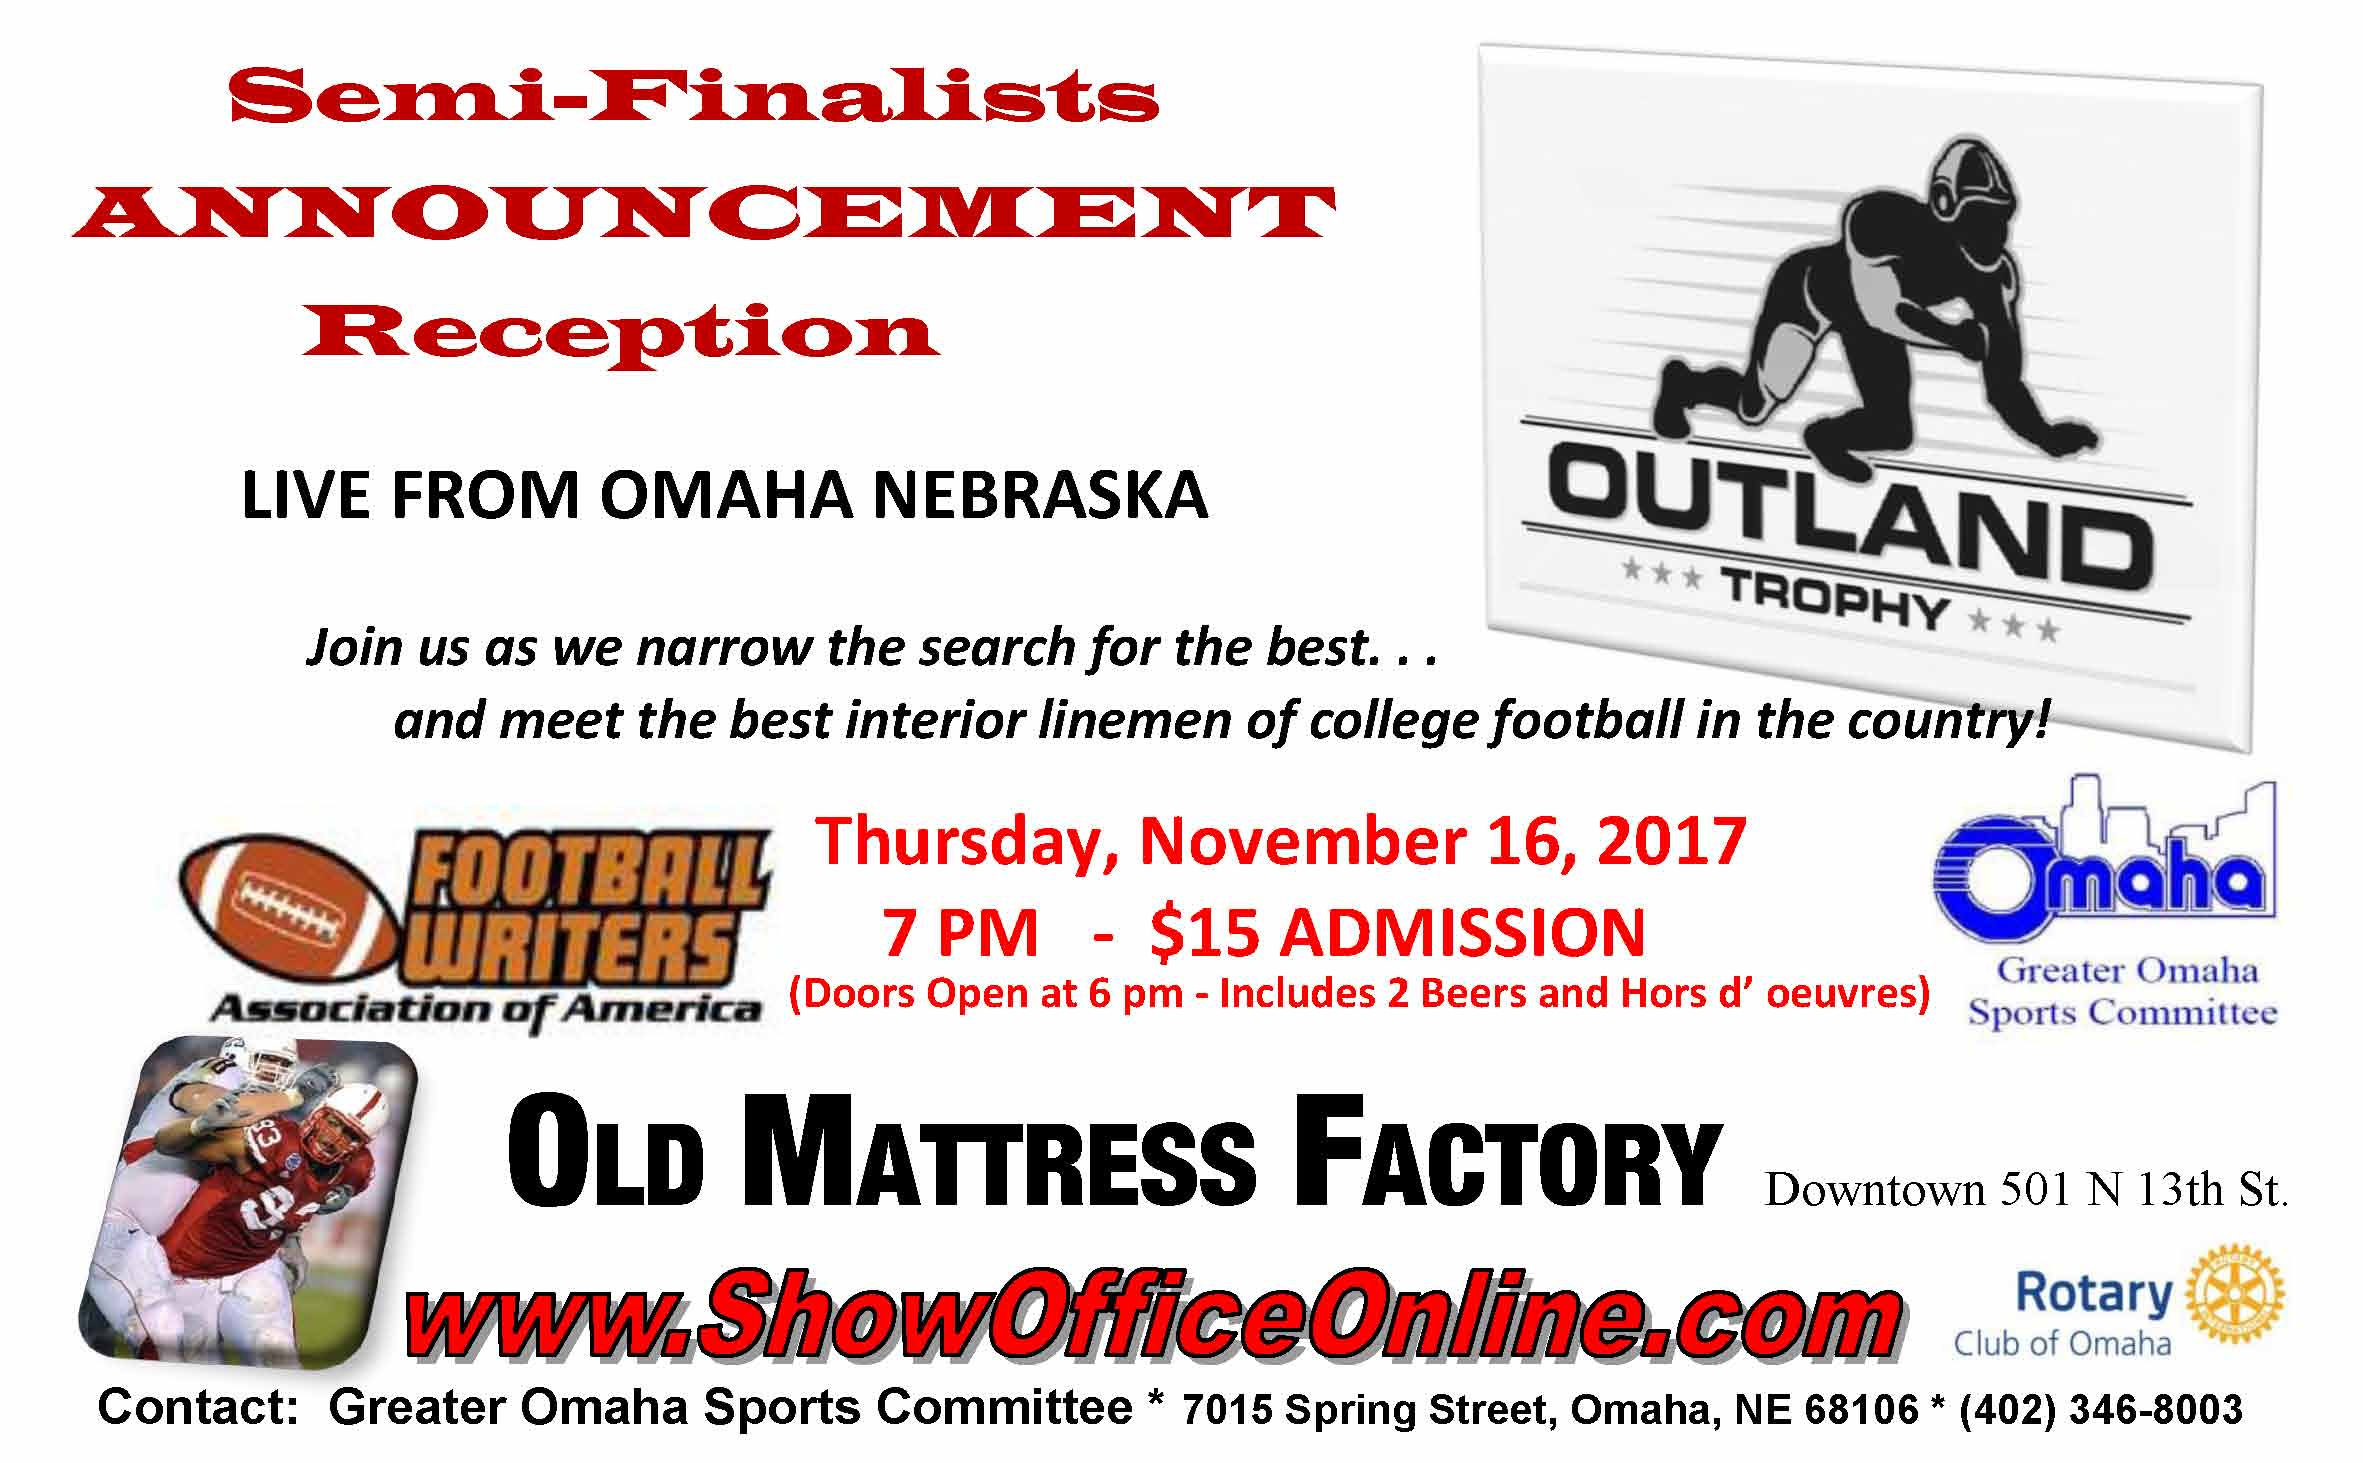 Outland Trophy Semi Finalist Announcement Reception